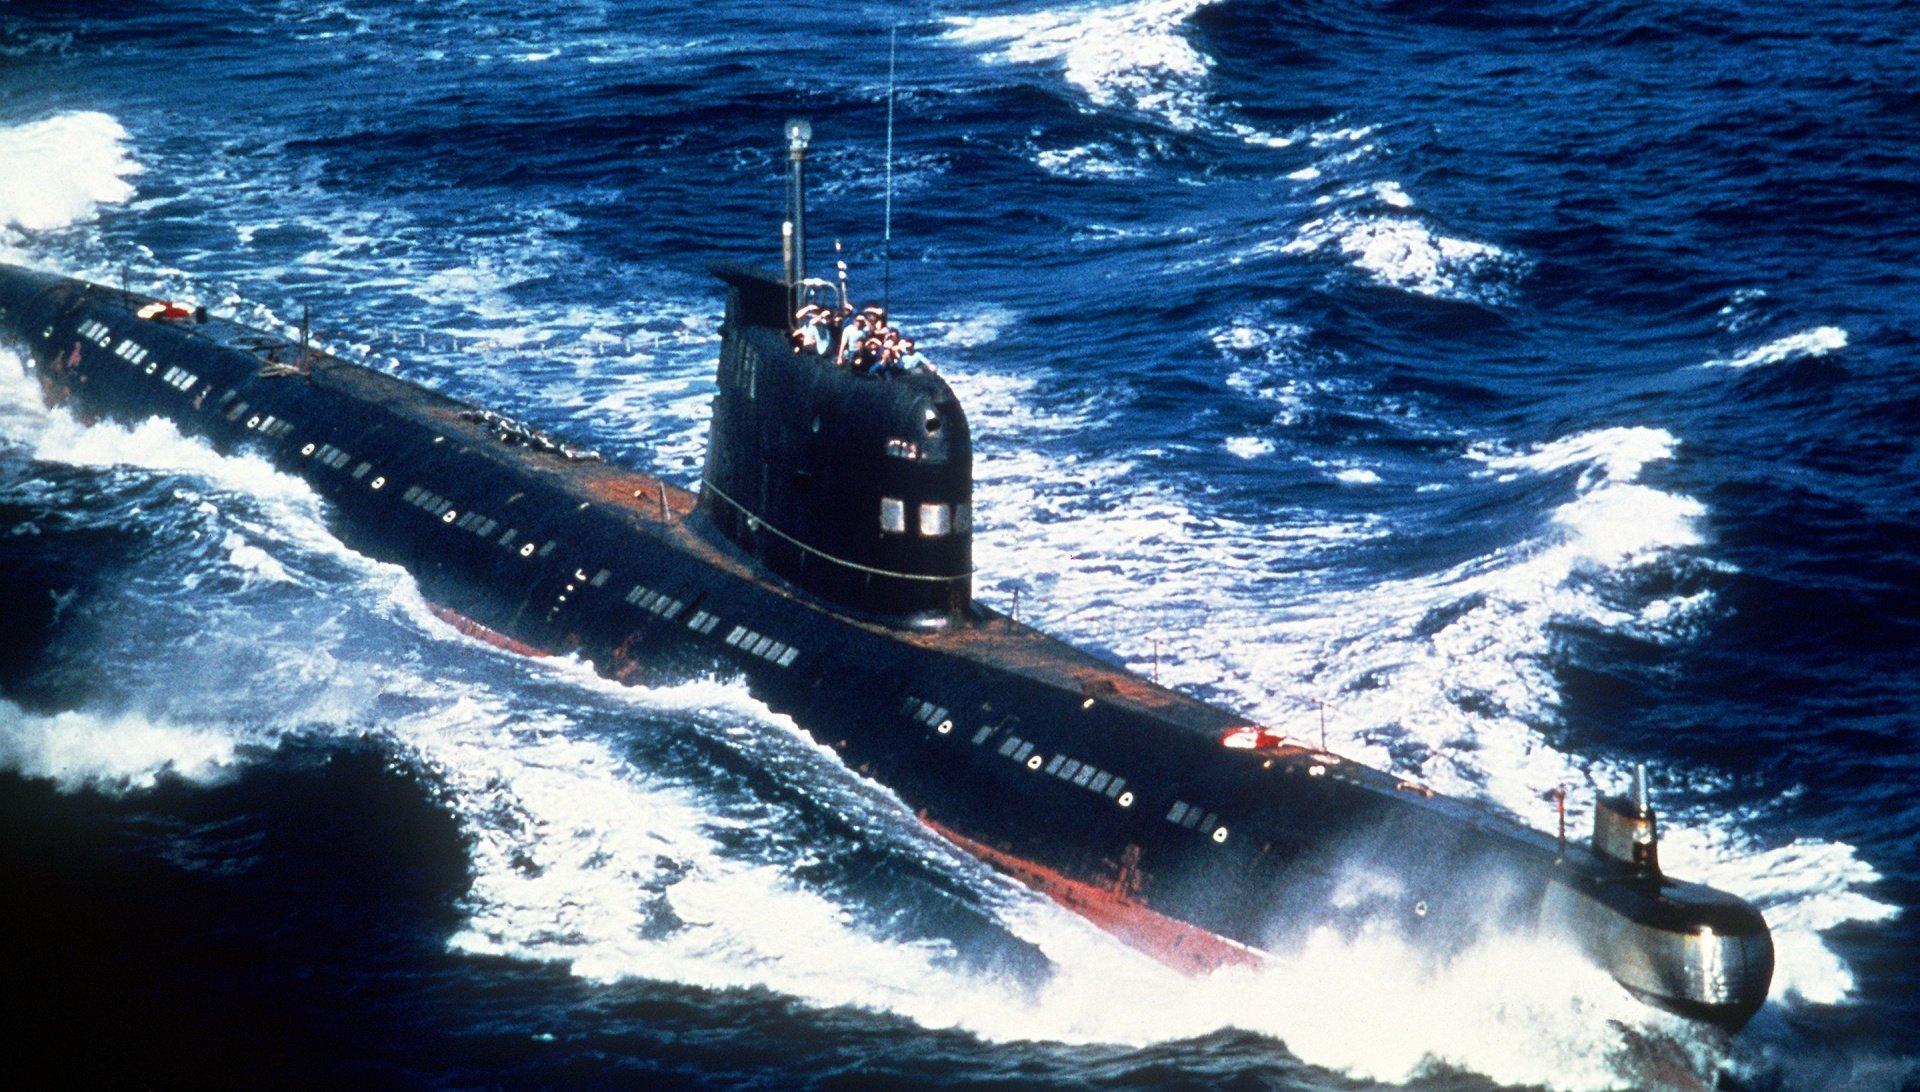 Třetí světové válce zabránil jediný muž. Příběh ponorky B-59, která málem odpálila jaderné torpédo